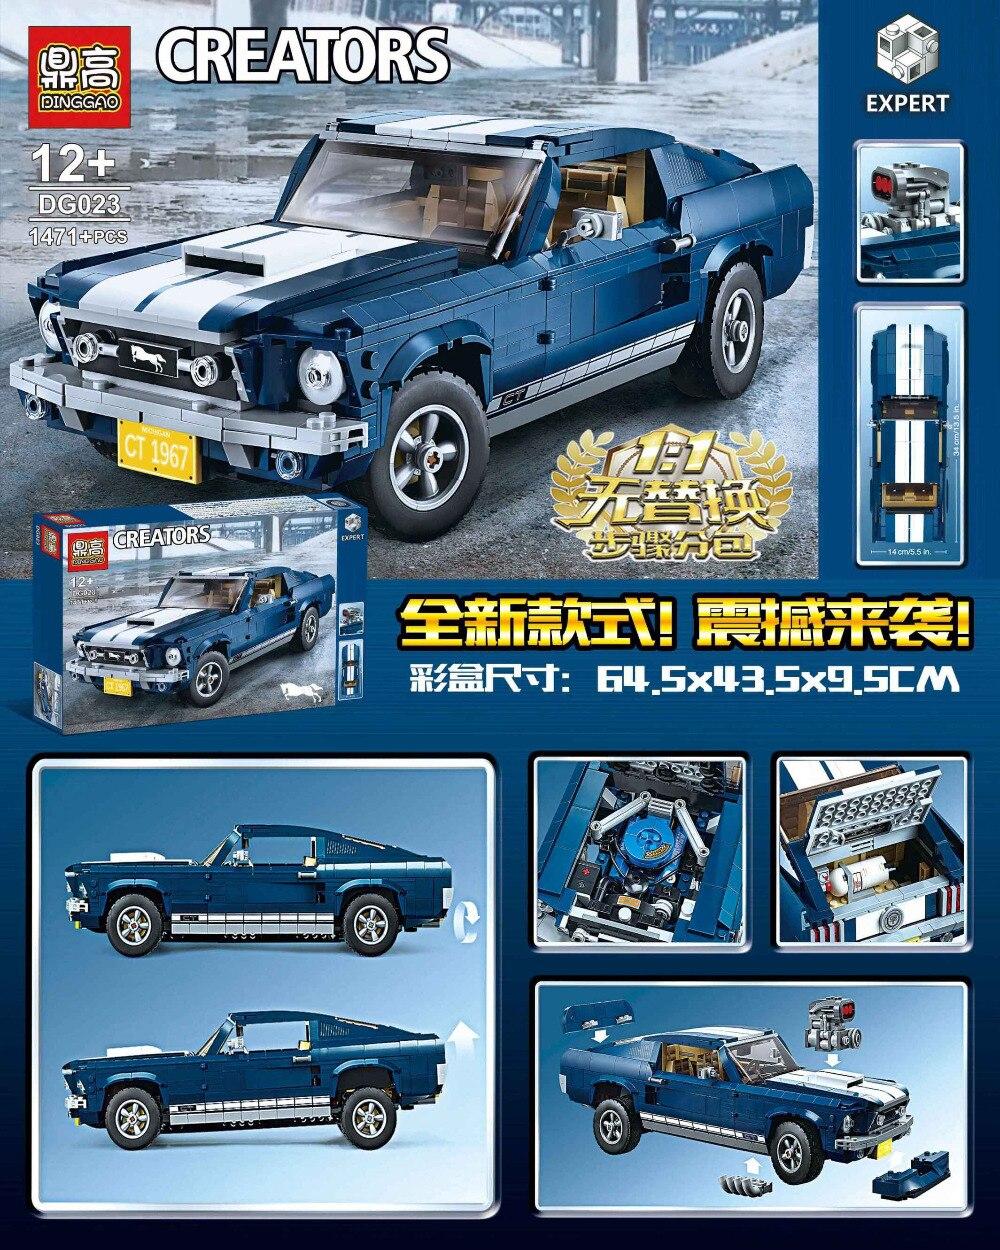 1471 sztuk klocki kompatybilne cegieł kreator ekspert Ford Mustang 10265 figurki model kolekcjonerski dla dzieci zabawki DG023 w Klocki od Zabawki i hobby na  Grupa 1